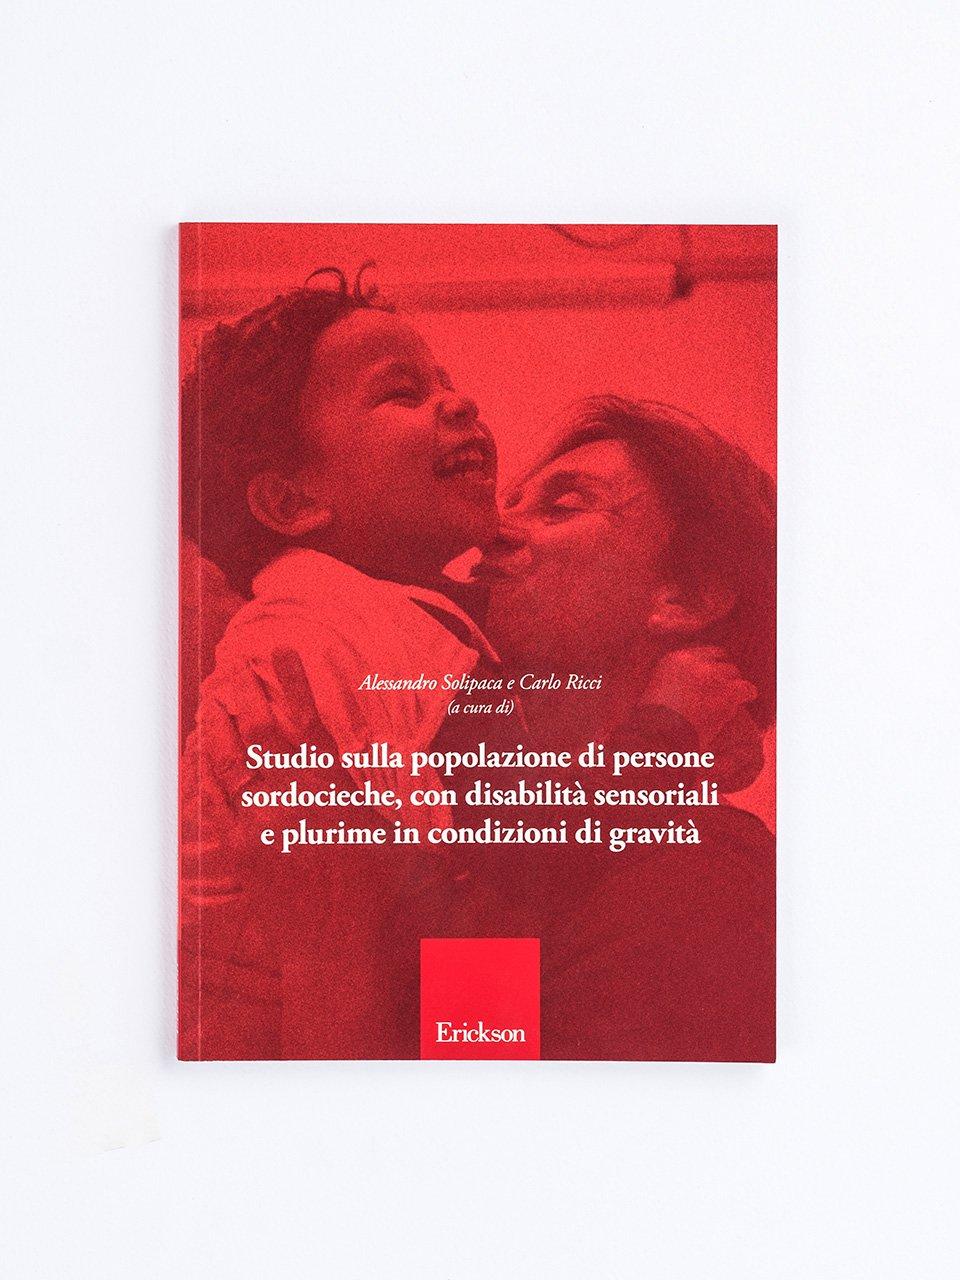 Studio sulla popolazione di persone sordocieche, con disabilità sensoriale e plurime in condizioni di gravità - L'incantesimo di Rocco - App e software - Erickson